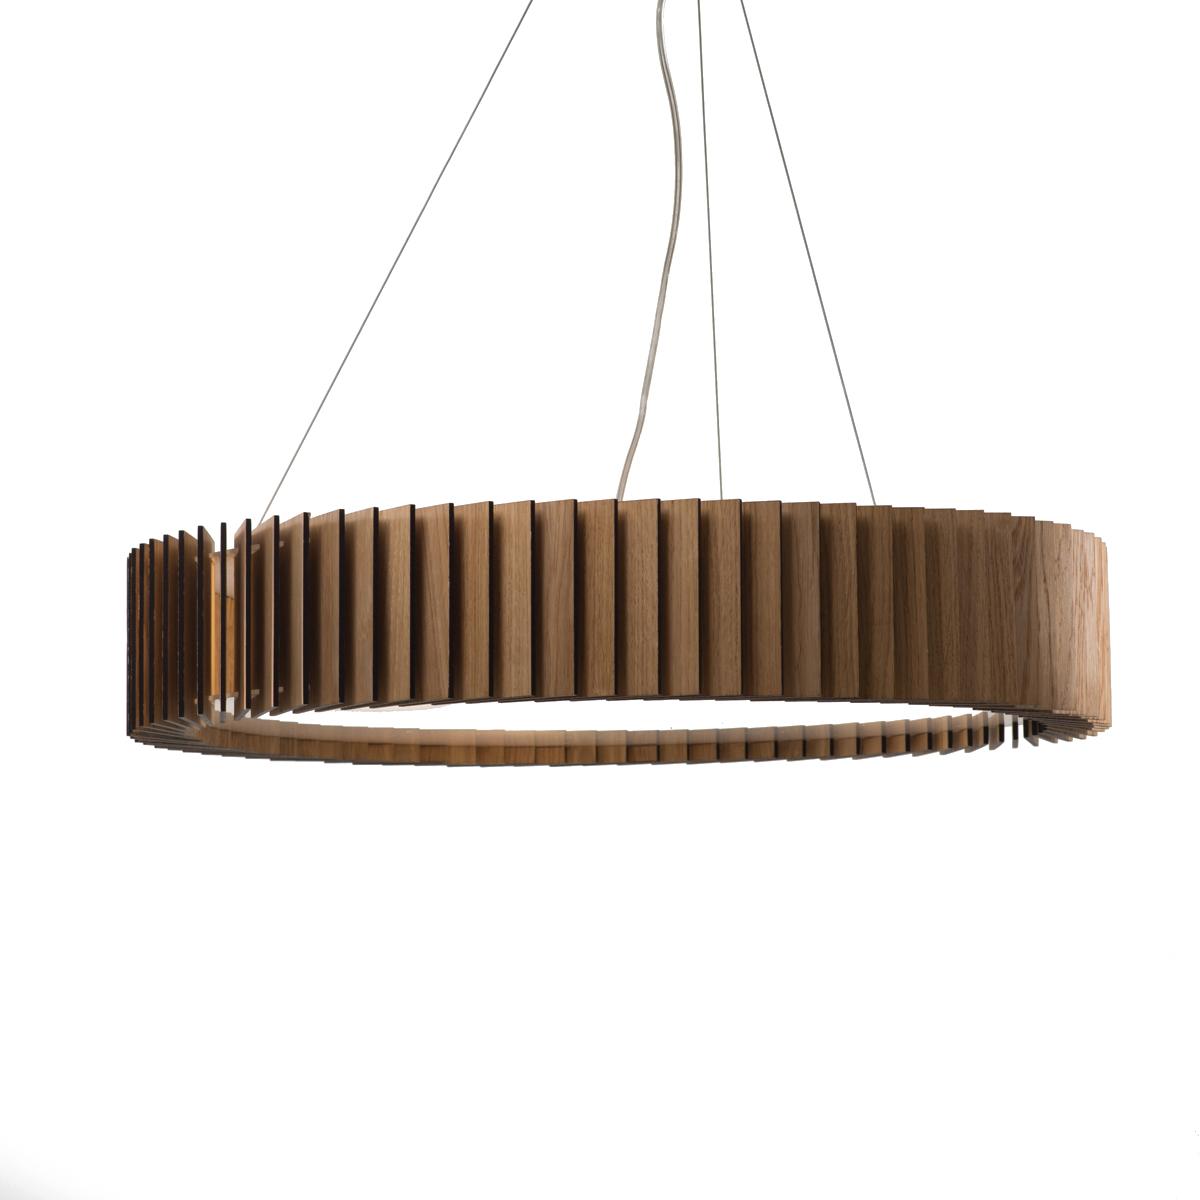 Люстра РоторПодвесные светильники<br>Ротор представляют собой люстру, основание которой изготовлено из акрилового матового стекла, деревянные пластины выполнены из шпона дуба и покрыты защитными маслами и воском. Светильник оснащён 4 патронами для светодиодных лампочек, что обеспечит яркий поток света для всего помещения. Свет проходит через деревянные лопасти, направленные под углом, и рождает впечатляющие узоры на стенах. А когда светильник выключен, он становится элементом декора интерьера.<br>Светильник &amp;quot;Ротор&amp;quot; заслужил бронзовую награду на международном конкурсе A&amp;#39;Design Award в категории Освещение.&amp;amp;nbsp;&amp;lt;div&amp;gt;&amp;lt;br&amp;gt;&amp;lt;/div&amp;gt;&amp;lt;div&amp;gt;&amp;lt;div&amp;gt;Тип цоколя: E27&amp;lt;/div&amp;gt;&amp;lt;div&amp;gt;Мощность: 9W&amp;lt;/div&amp;gt;&amp;lt;div&amp;gt;Кол-во ламп: 4 (нет в комплекте)&amp;lt;/div&amp;gt;&amp;lt;/div&amp;gt;&amp;lt;div&amp;gt;&amp;lt;br&amp;gt;&amp;lt;/div&amp;gt;<br><br>Material: Шпон